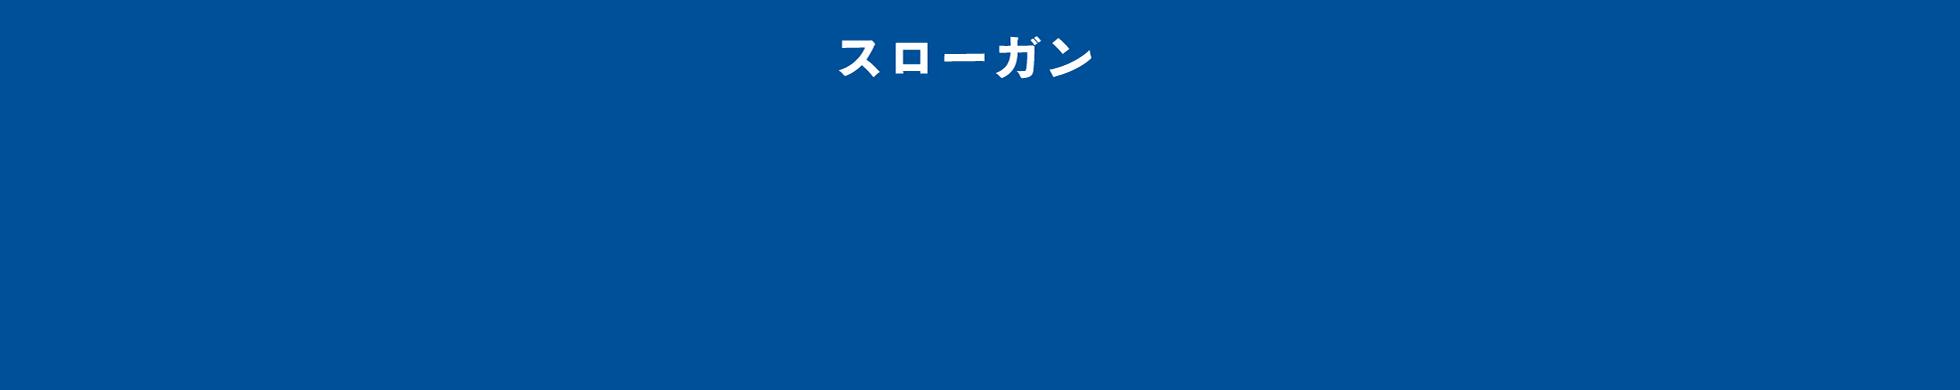 スローガン / アスコの原動力は時代を先取りした果敢なチャレンジ!!